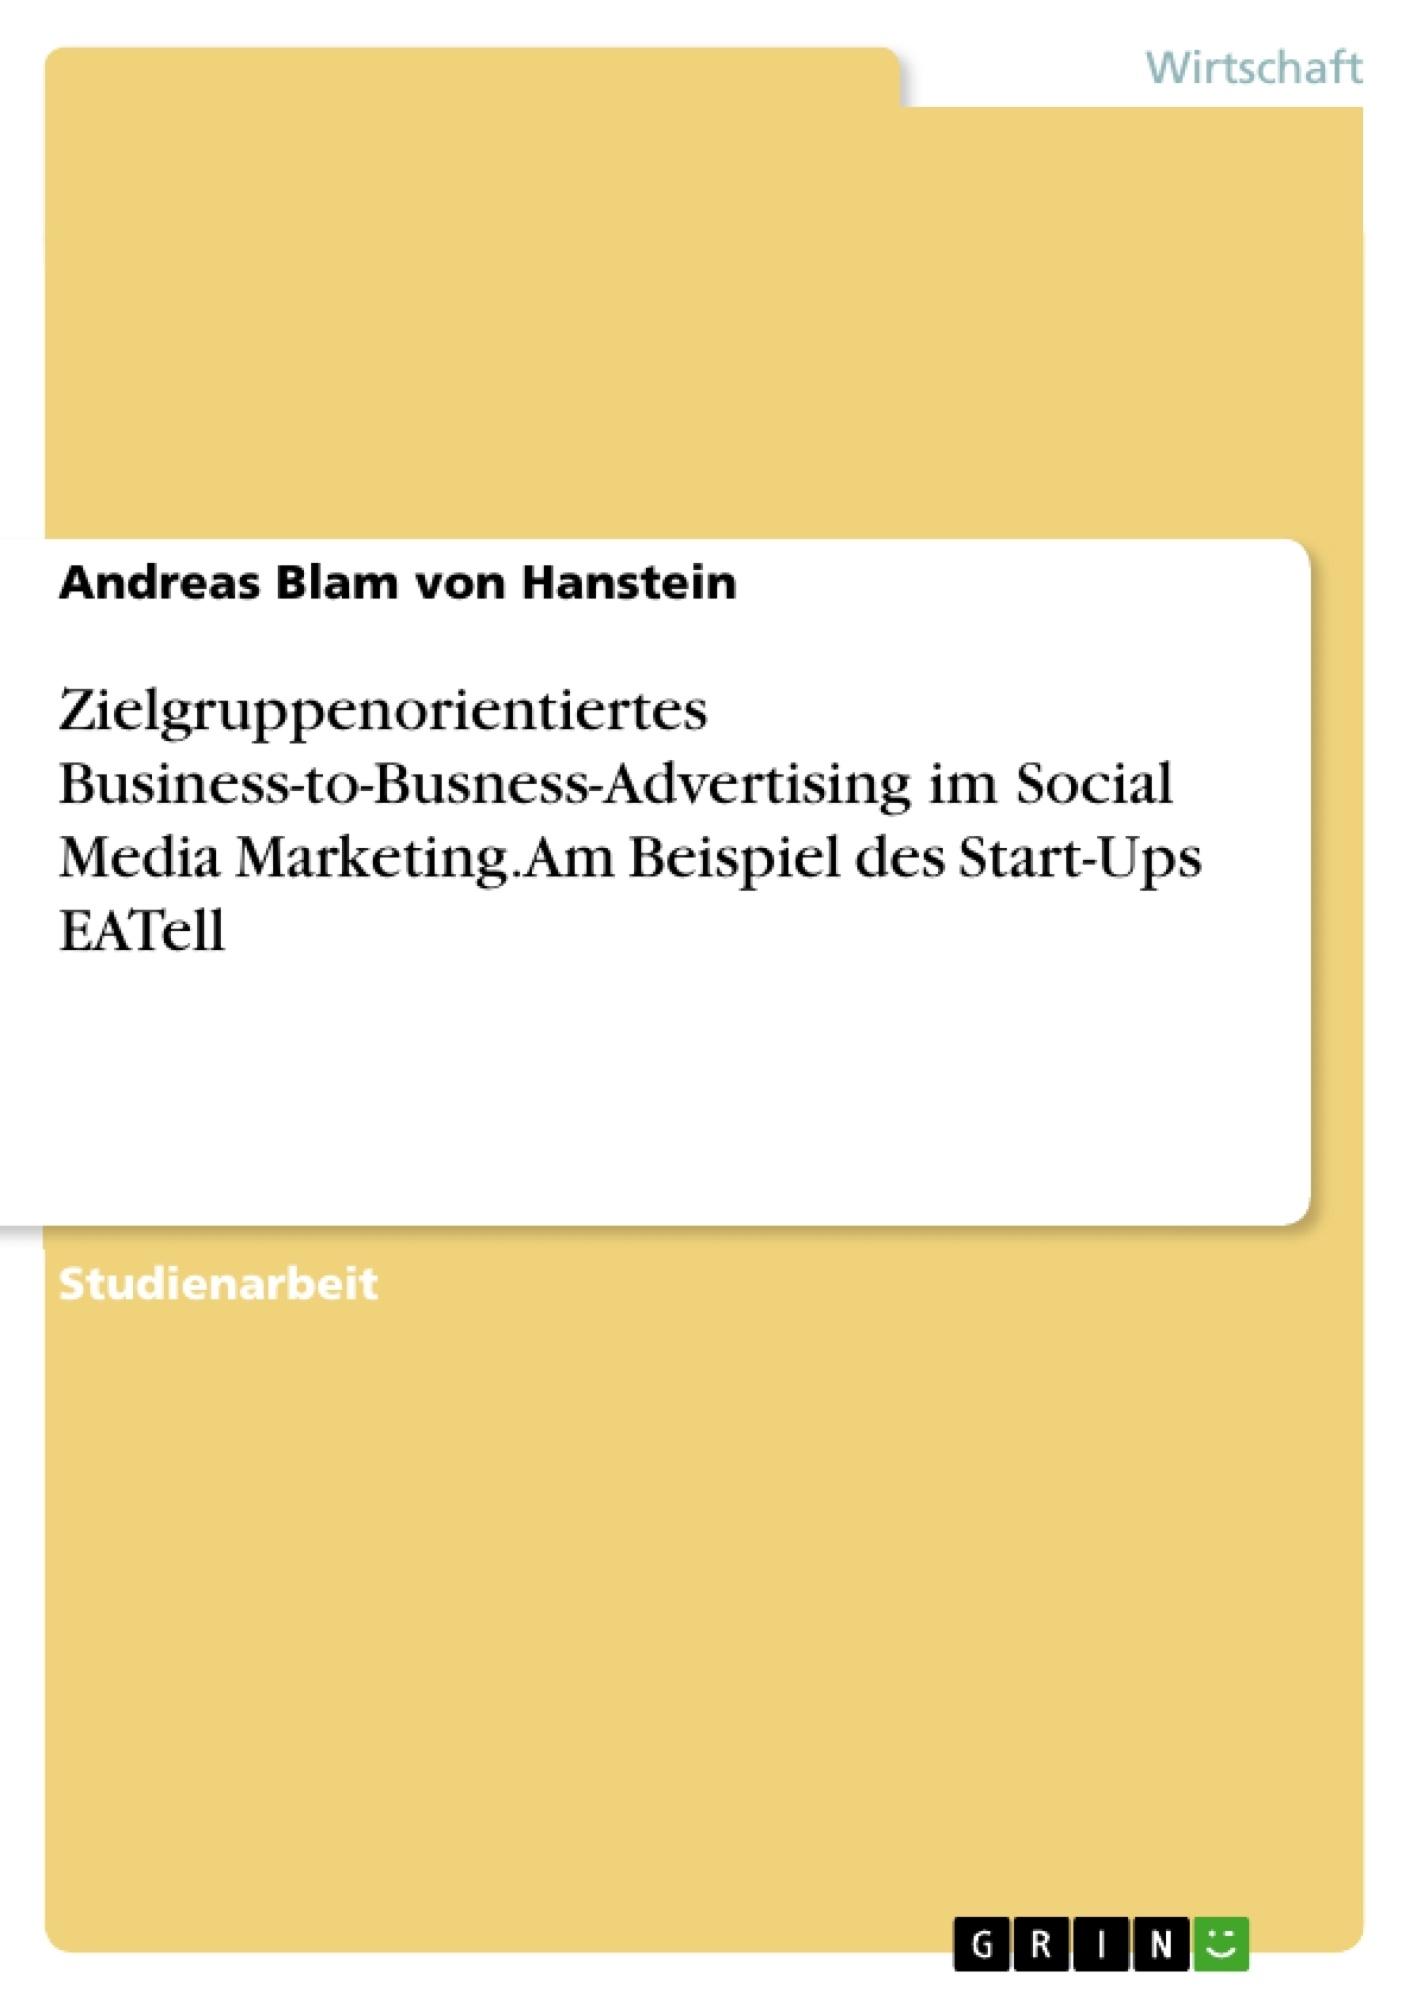 Titel: Zielgruppenorientiertes Business-to-Busness-Advertising im Social Media Marketing. Am Beispiel des Start-Ups EATell